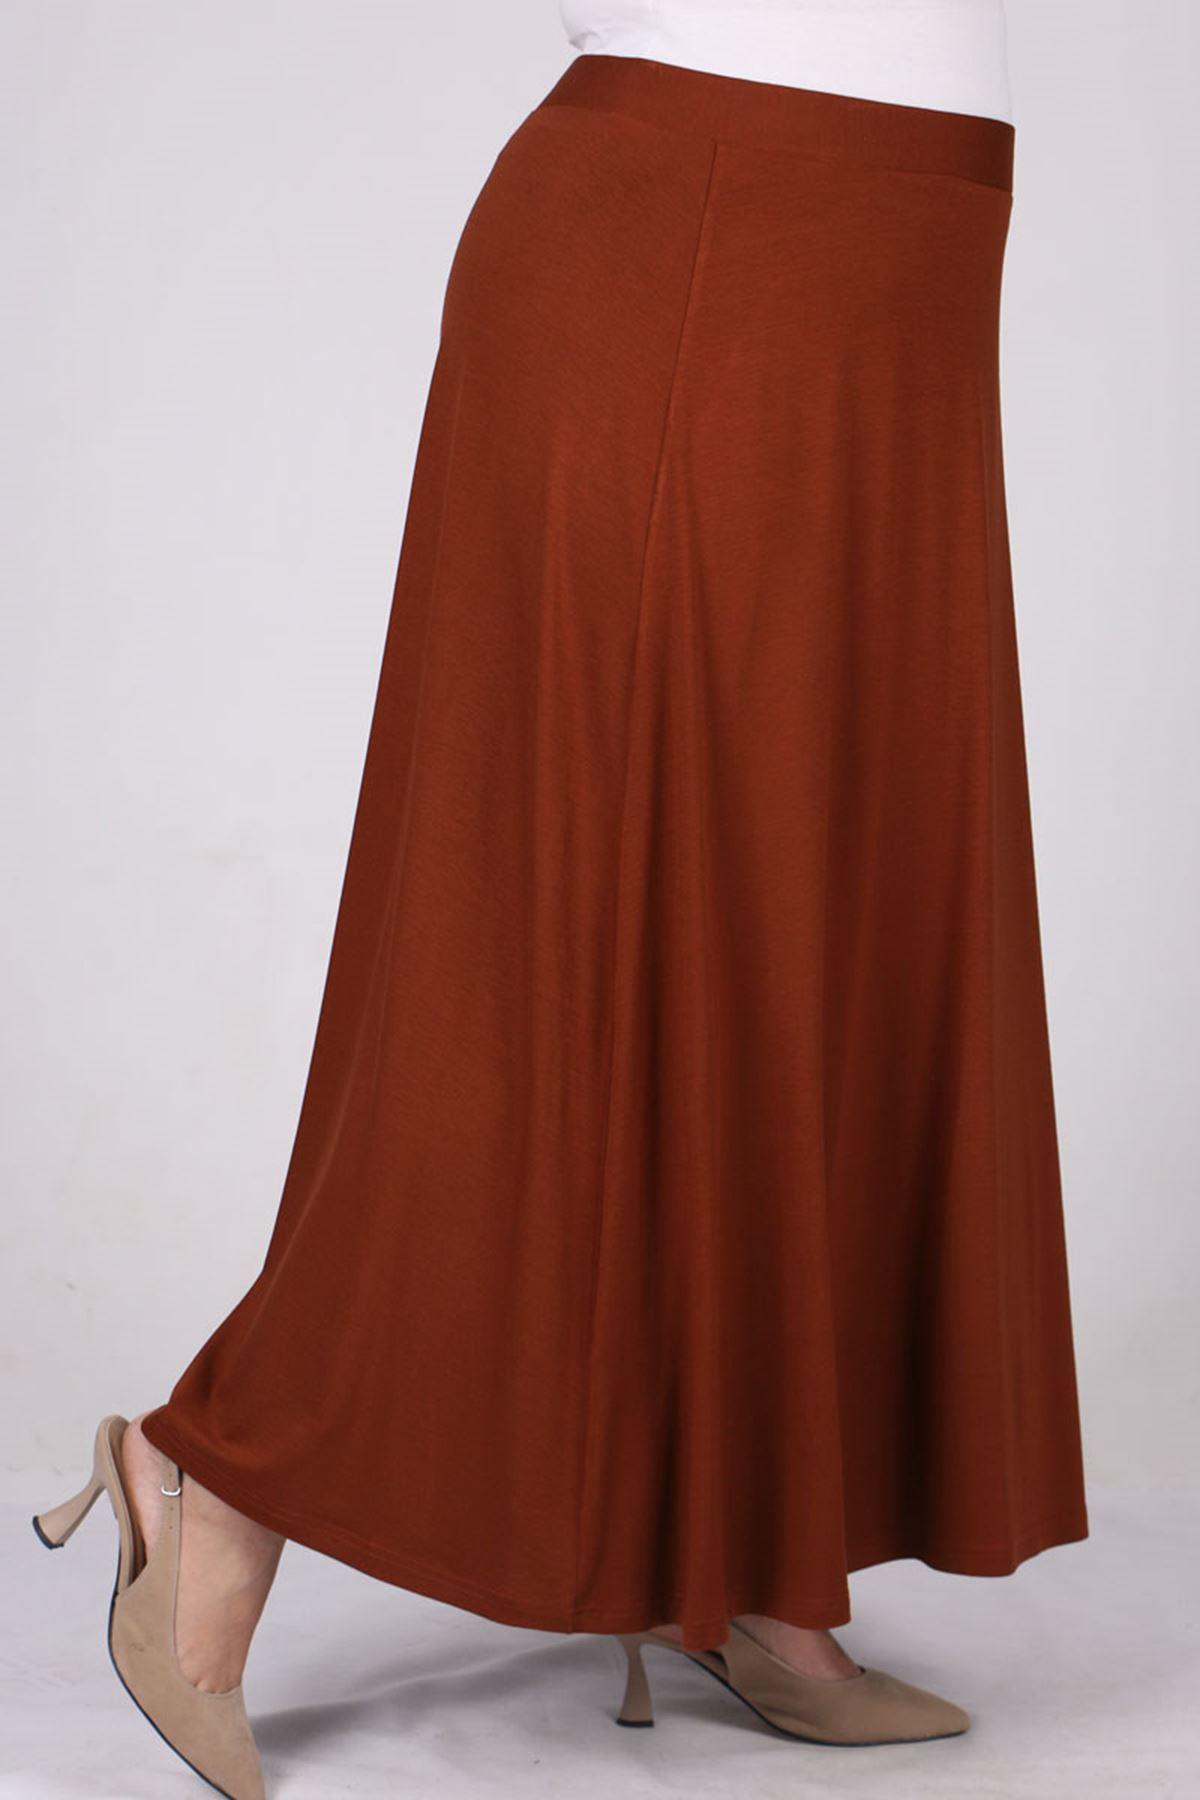 5031 Plus Size Basic Skirt - Terra Cotta